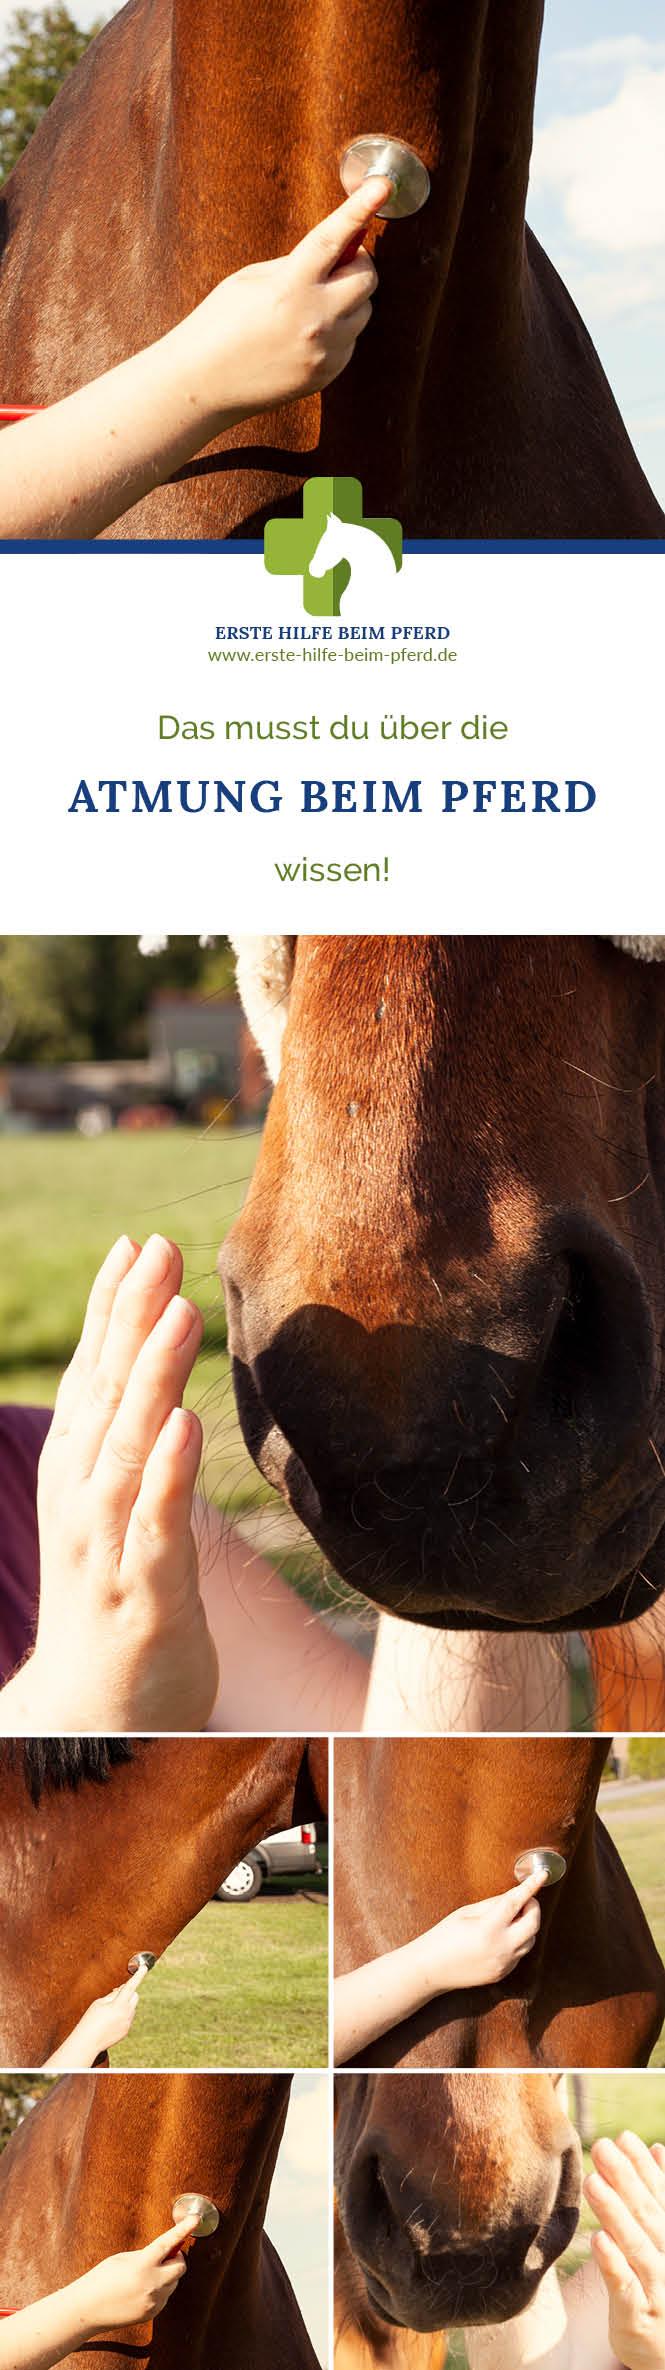 Atmung beim Pferd